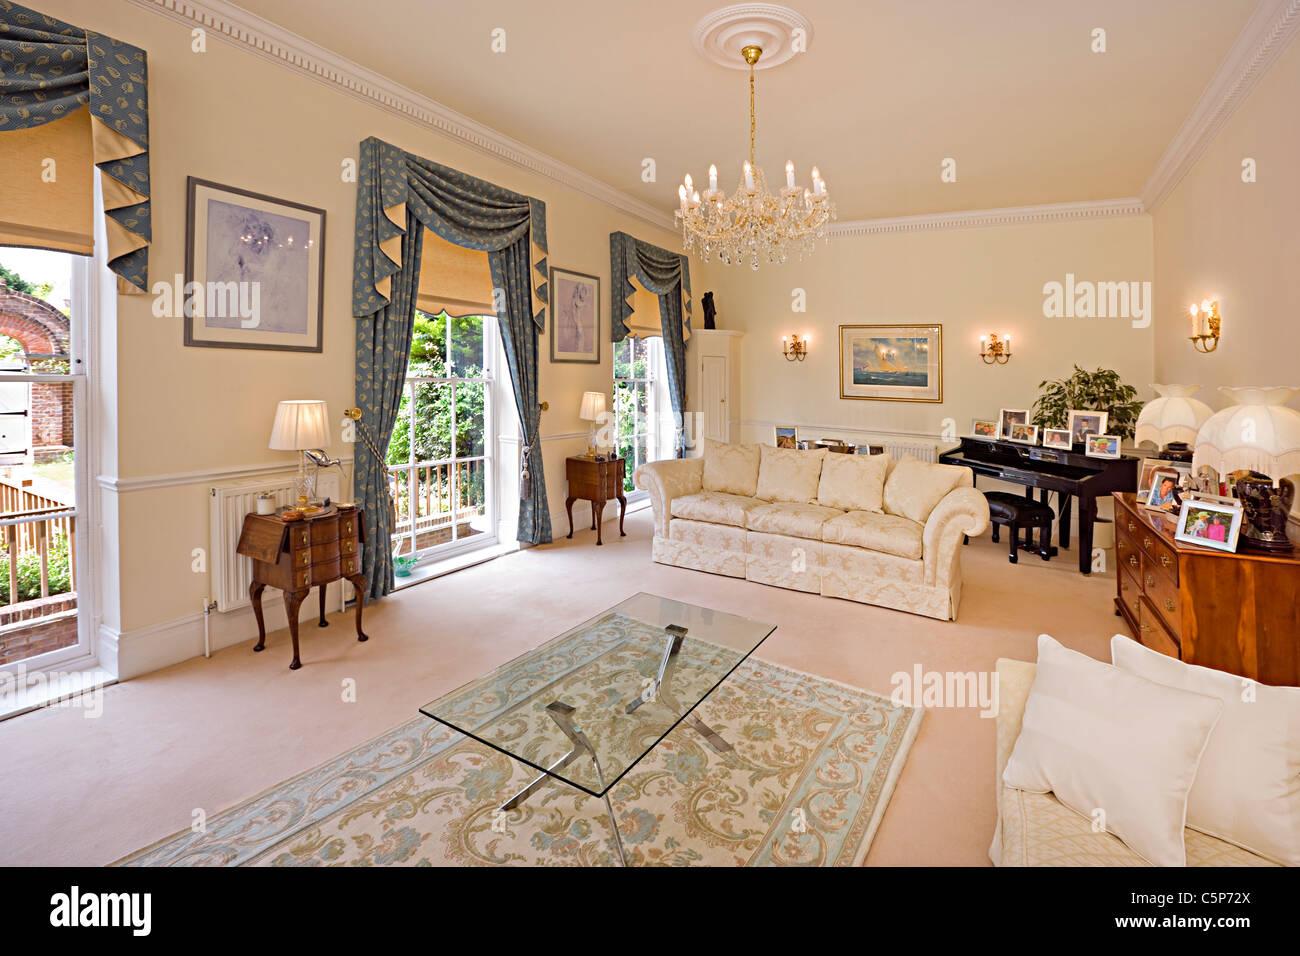 Interieur Aus Einem Traditionellen Englischen Wohnzimmer Stockfoto